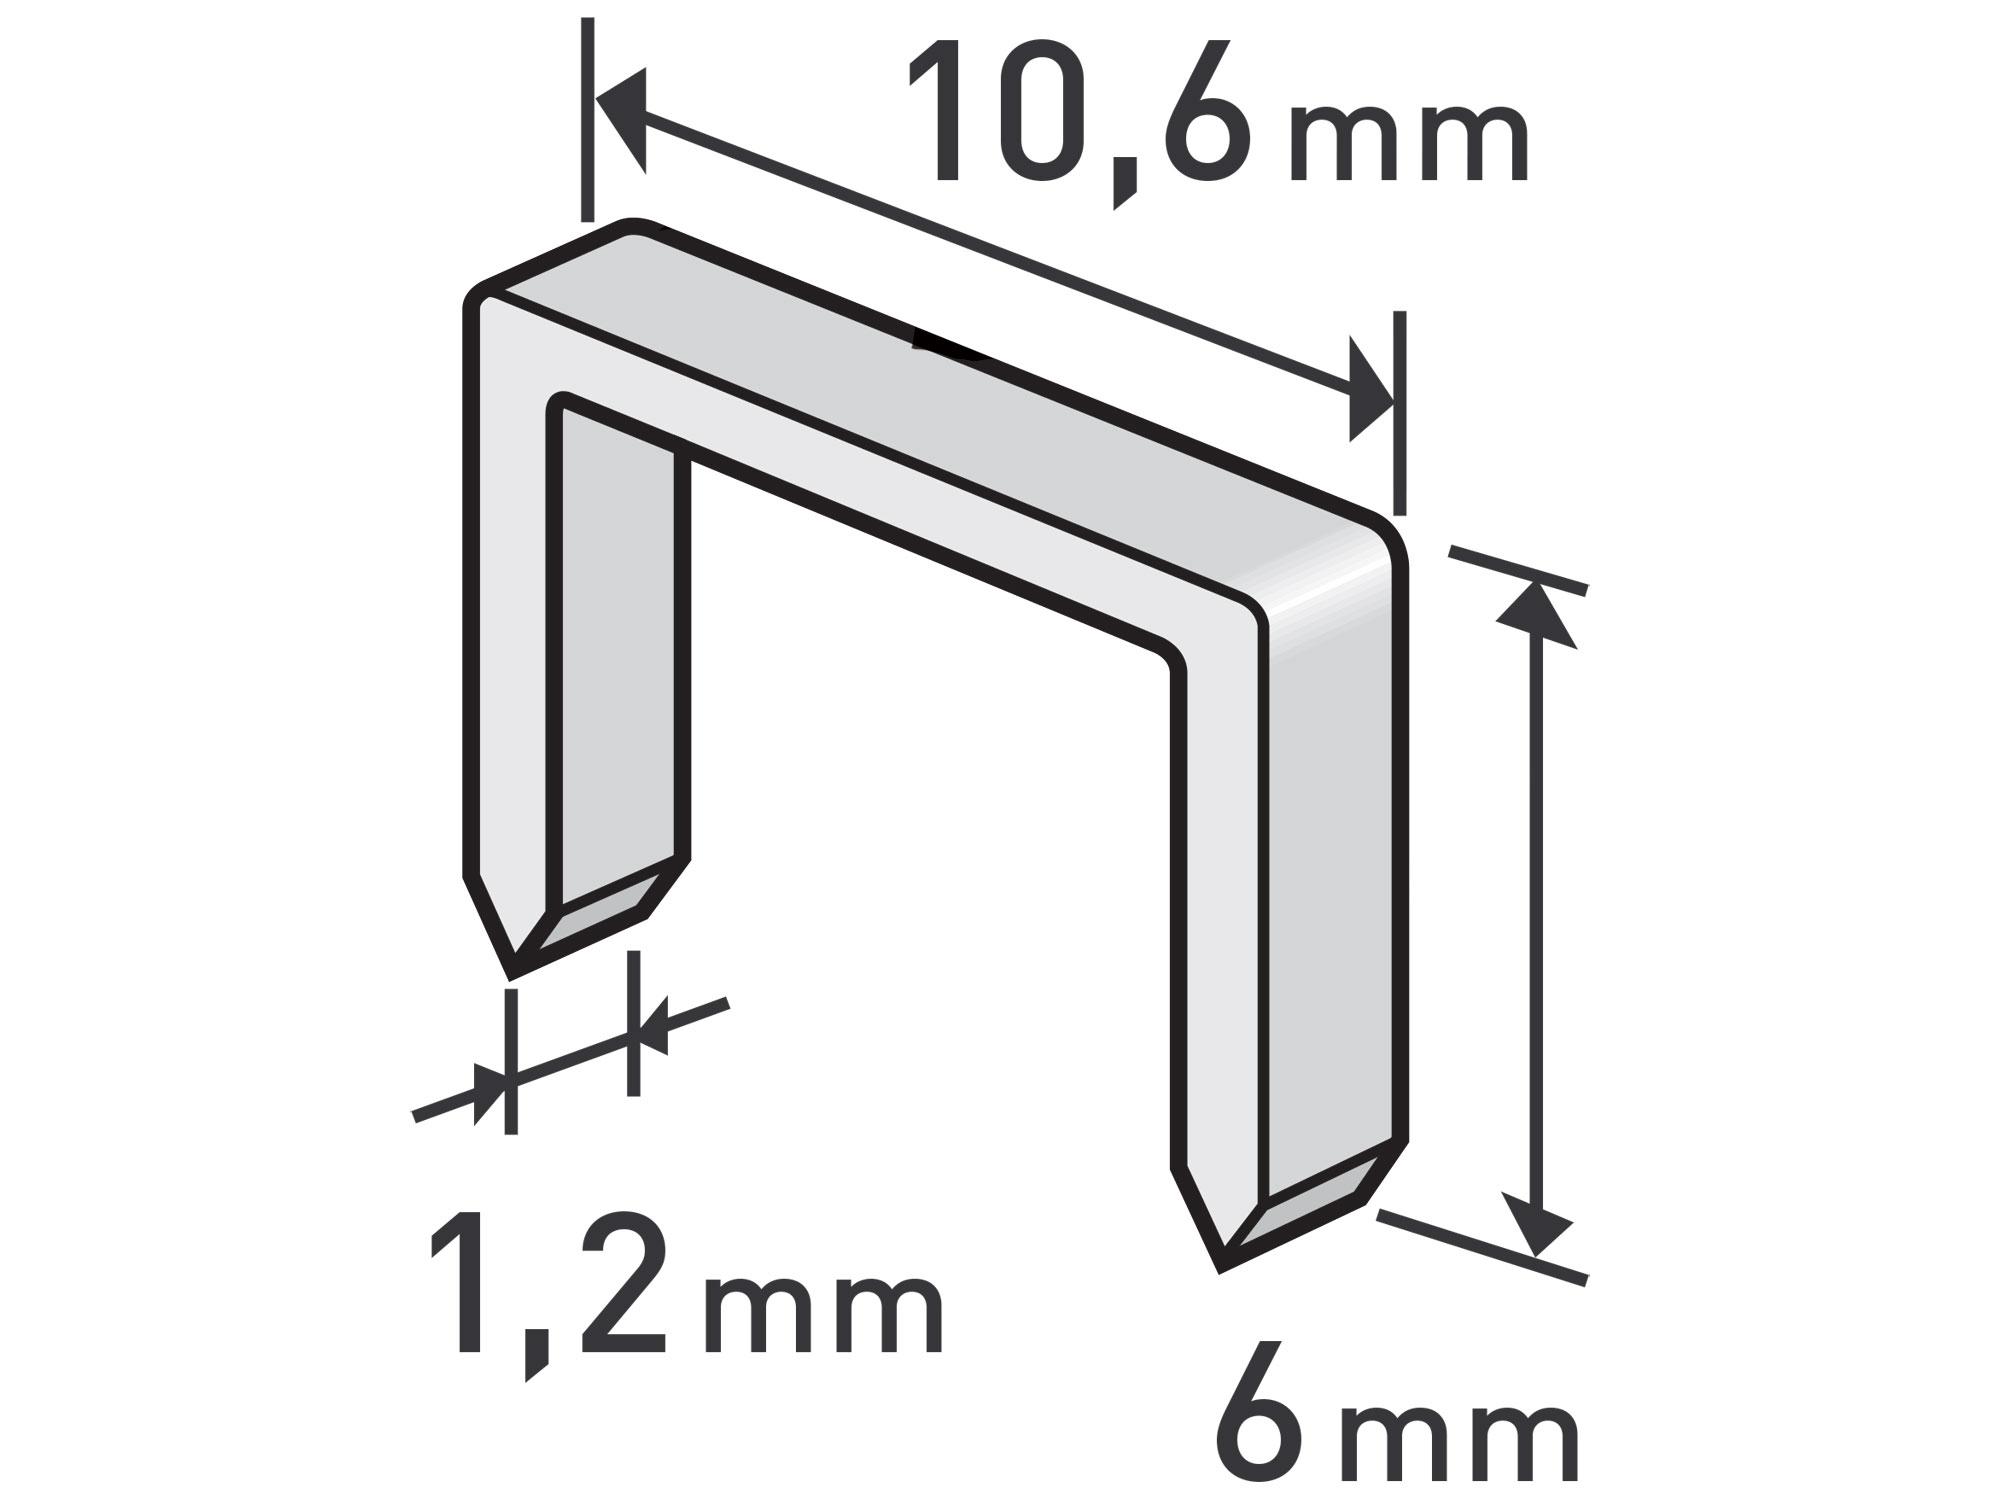 spony, balení 1000ks, 6mm, 10,6x0,52x1,2mm